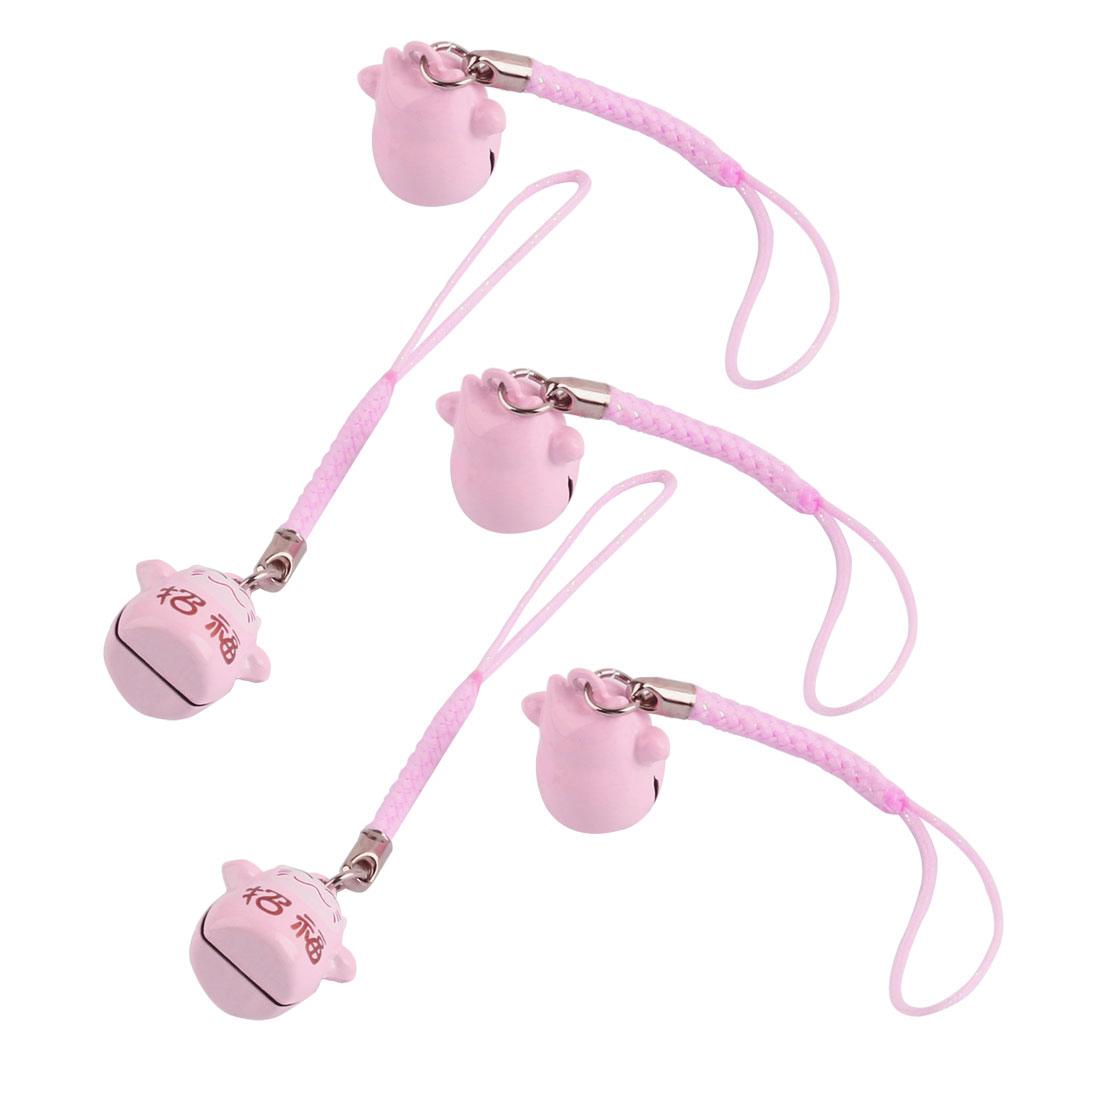 Maneki Neko Cat Japanese Lucky Charm Bell Pink 18mm Diameter 5 Pcs